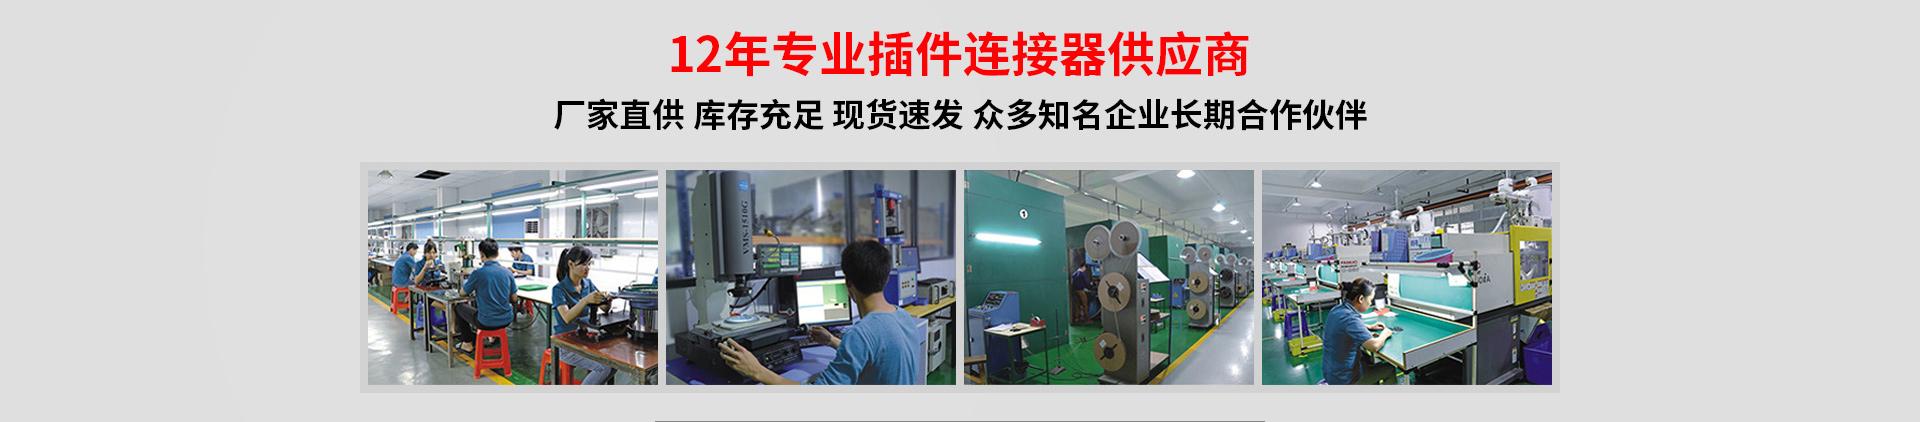 https://www.winpin.cn/data/images/slide/20191219112450_893.jpg